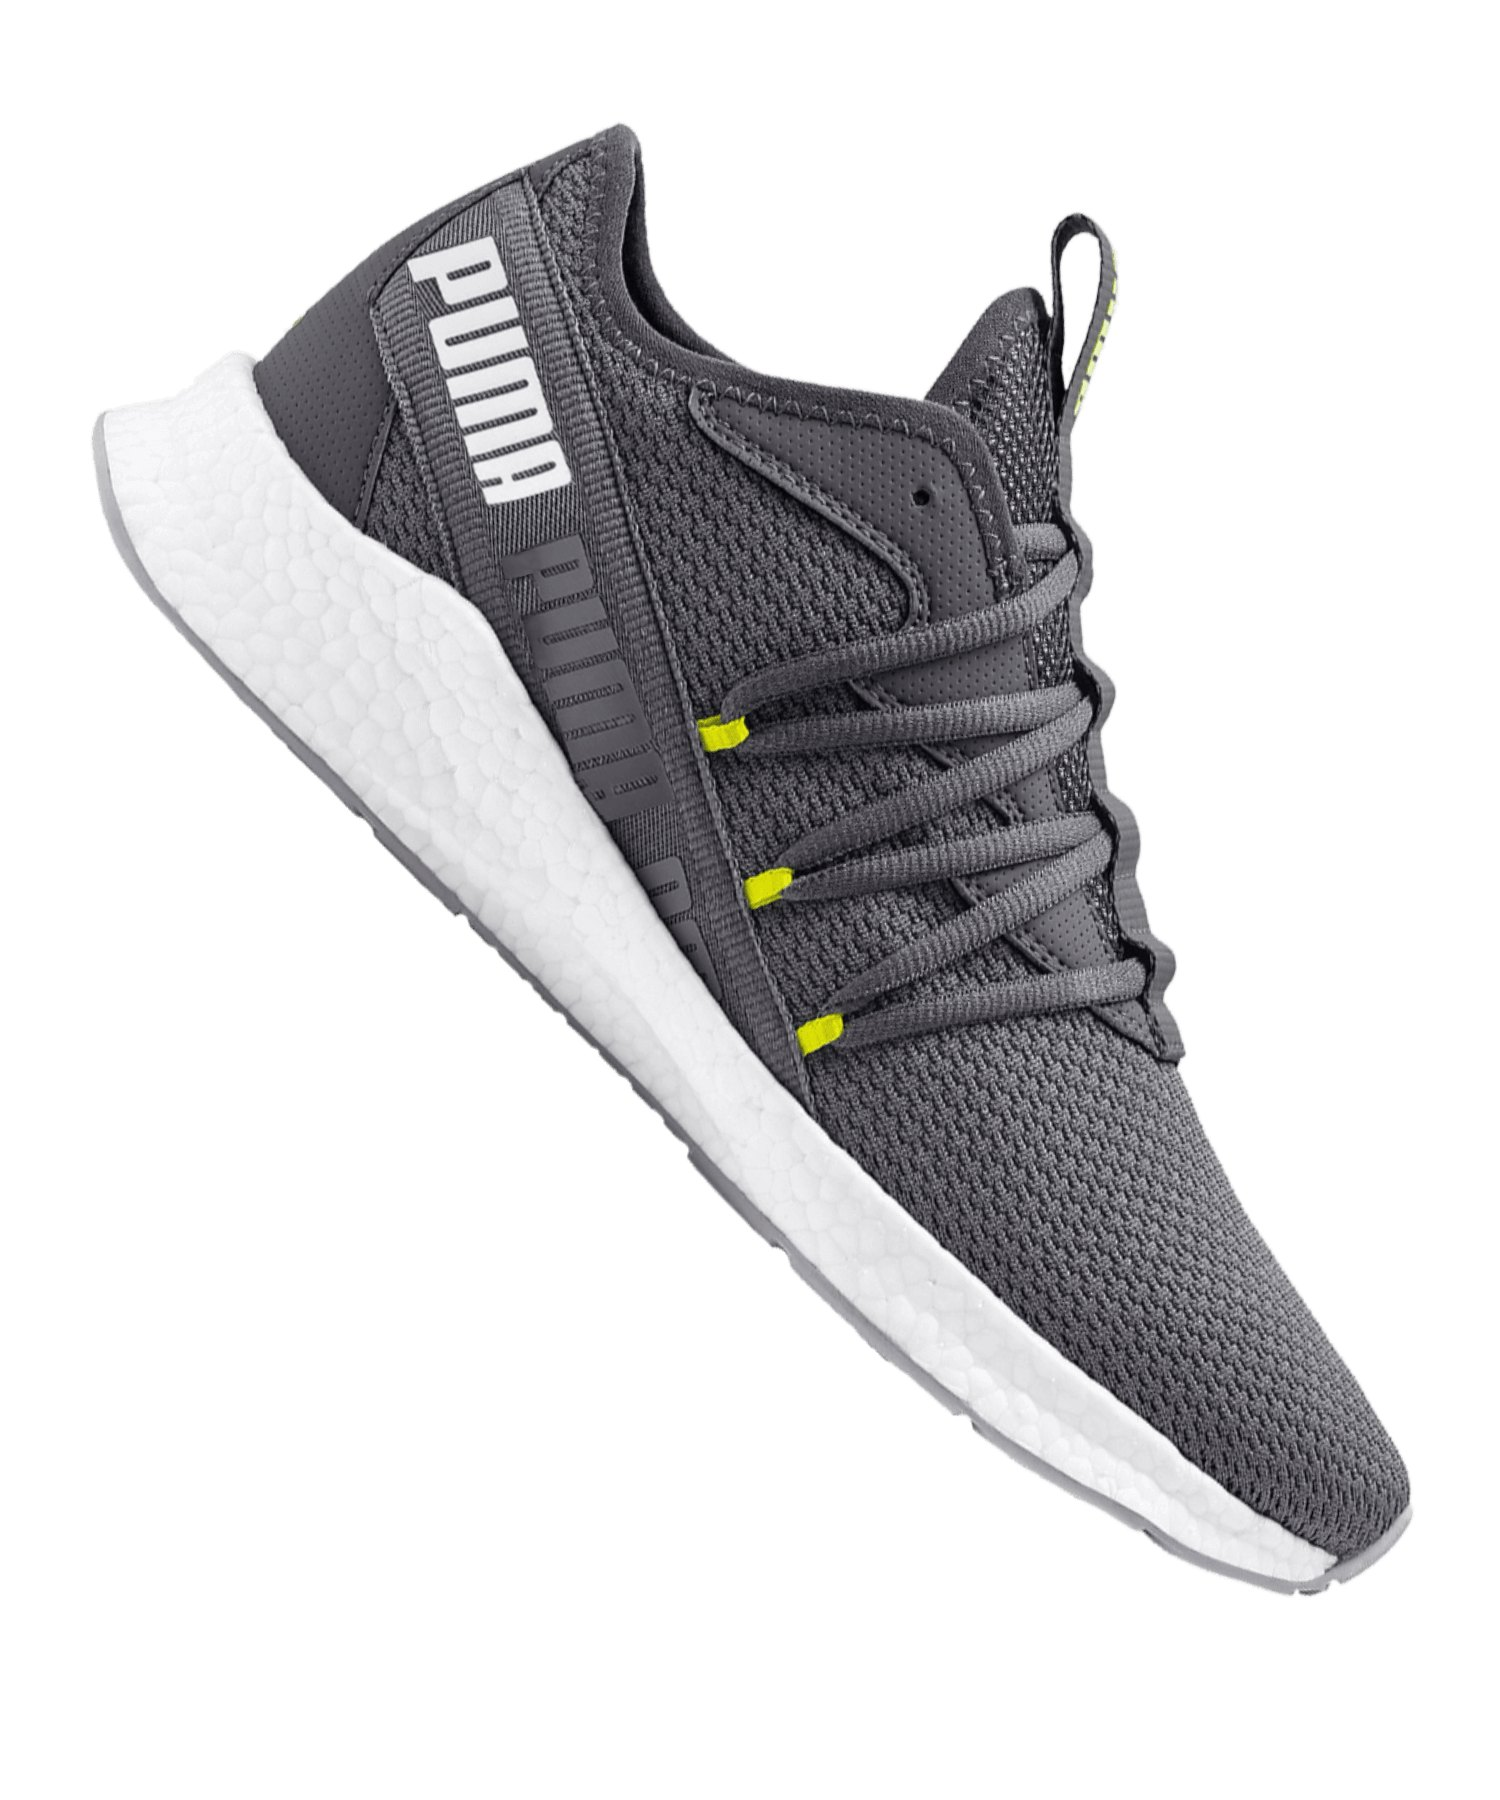 PUMA NRGY Star Sneaker Grau F03 - grau